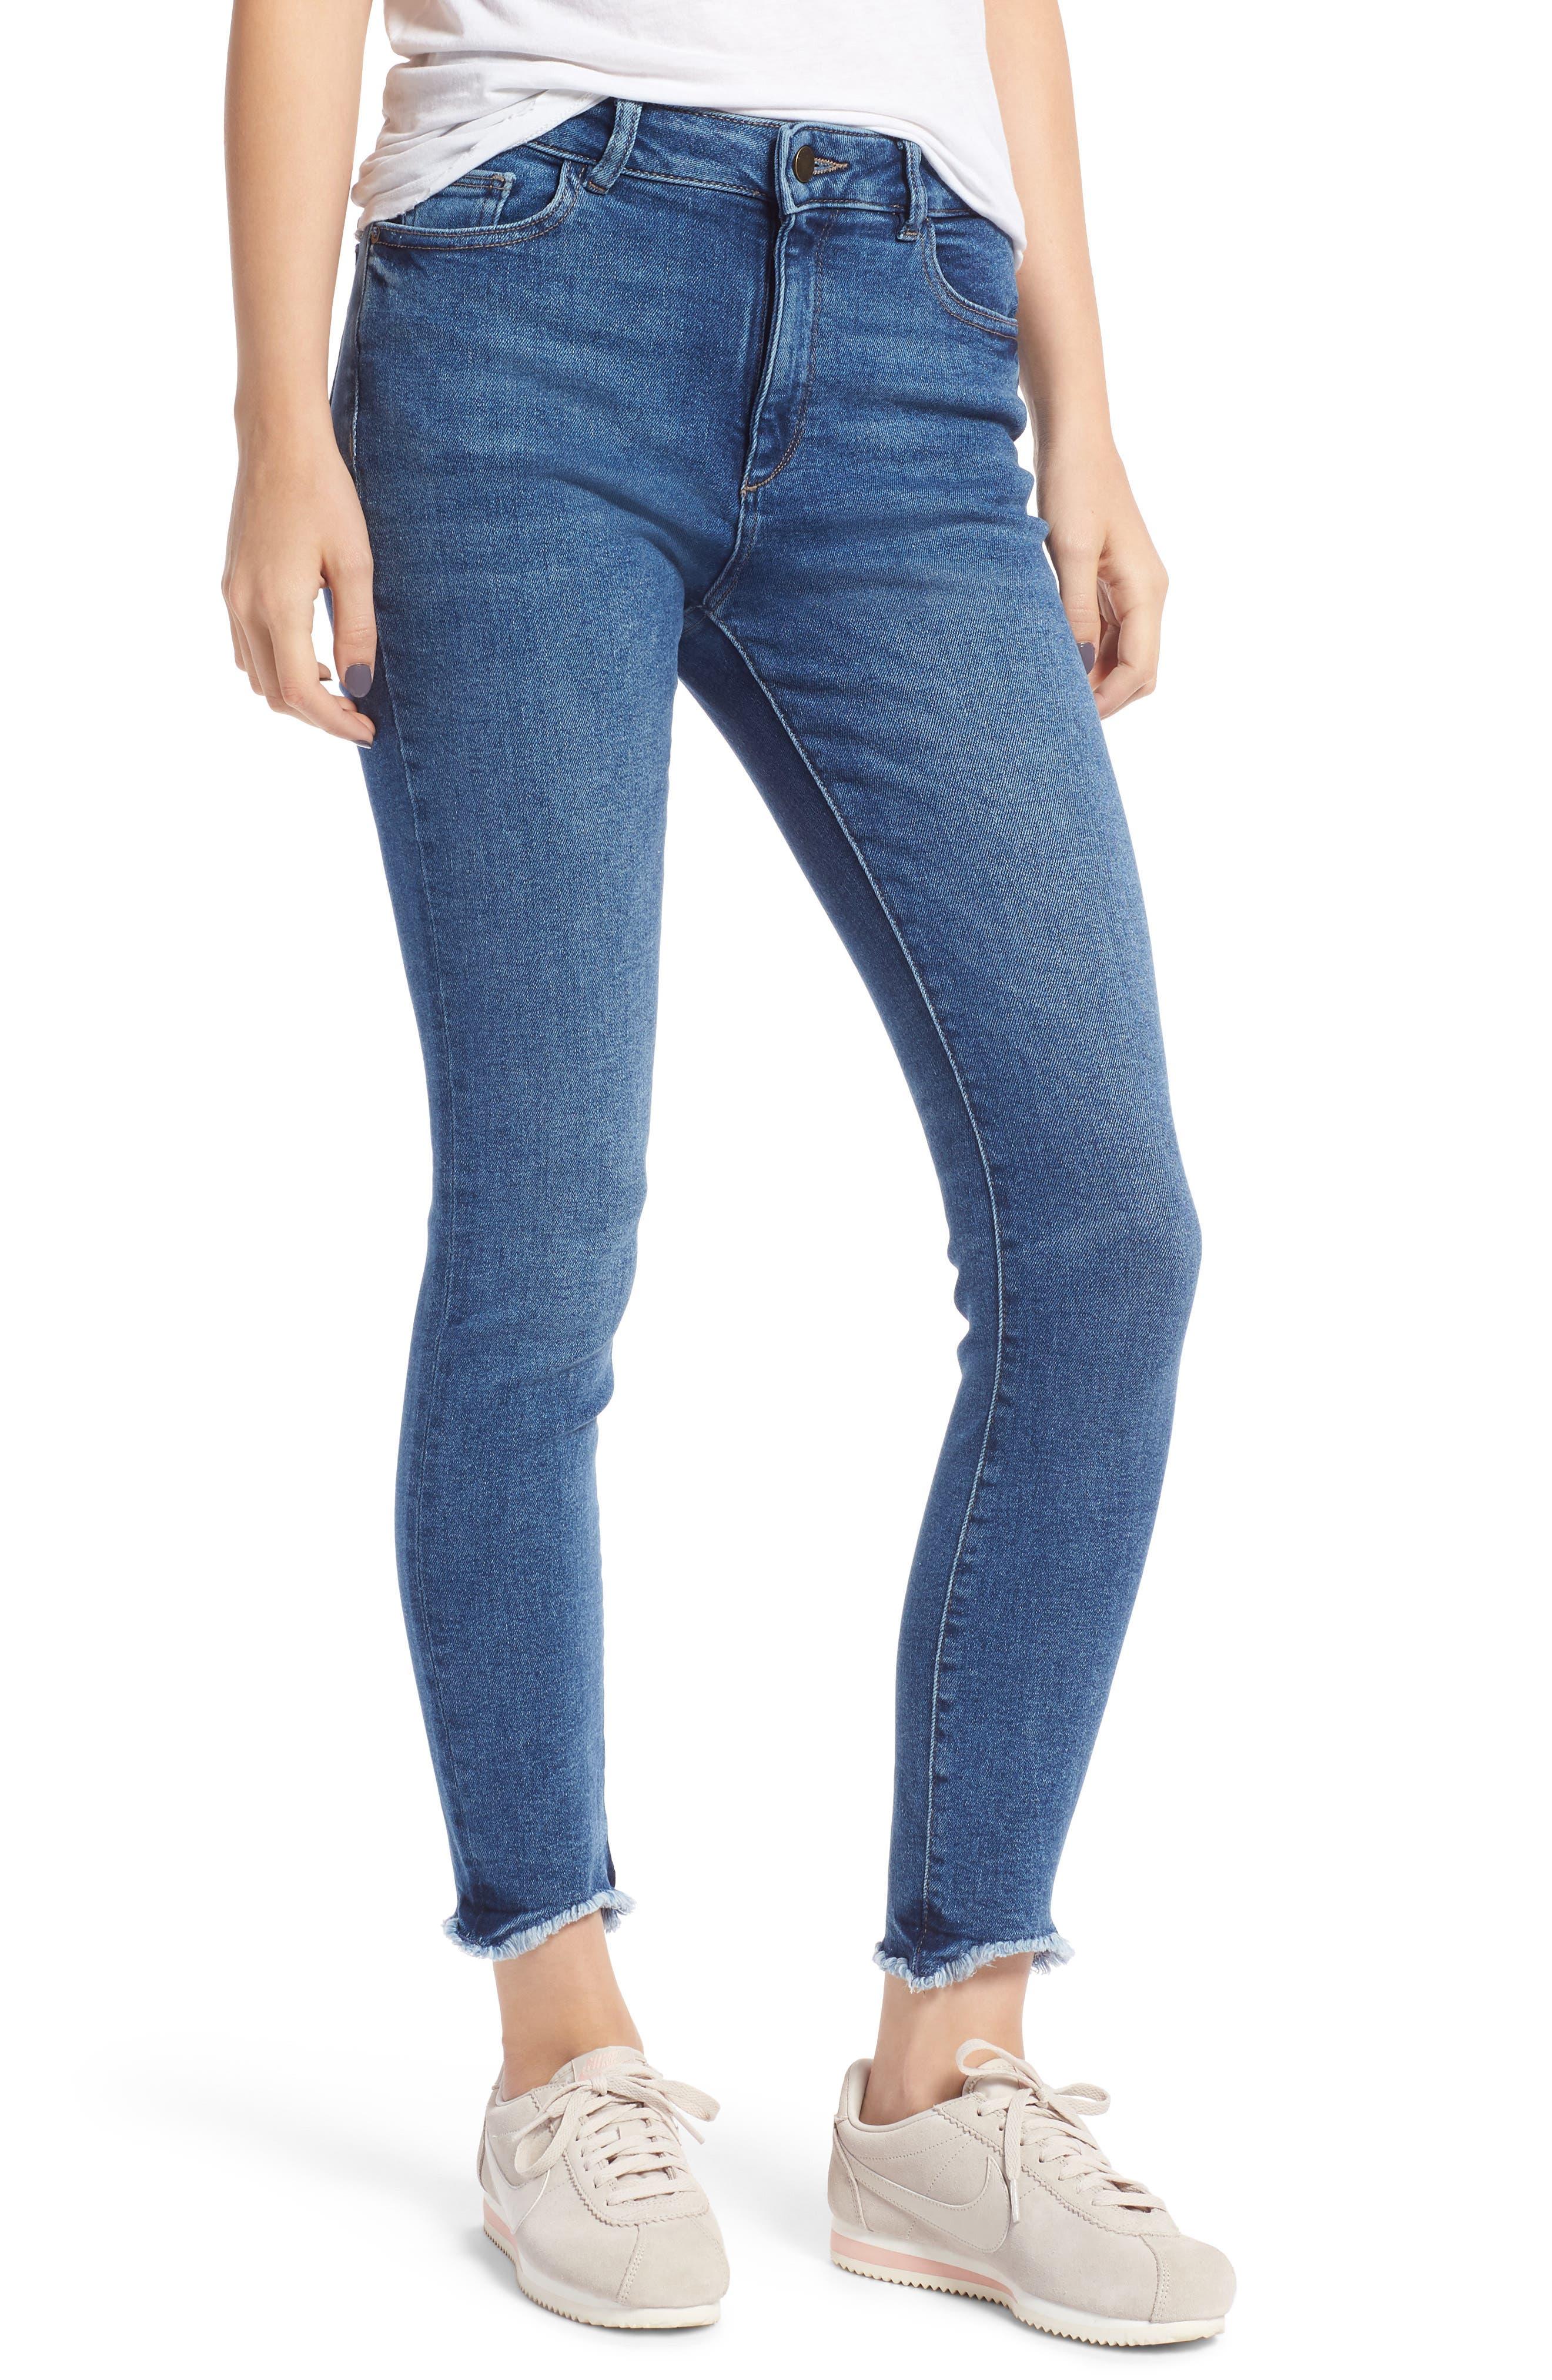 Farrow High Waist Skinny Jeans,                         Main,                         color, 422